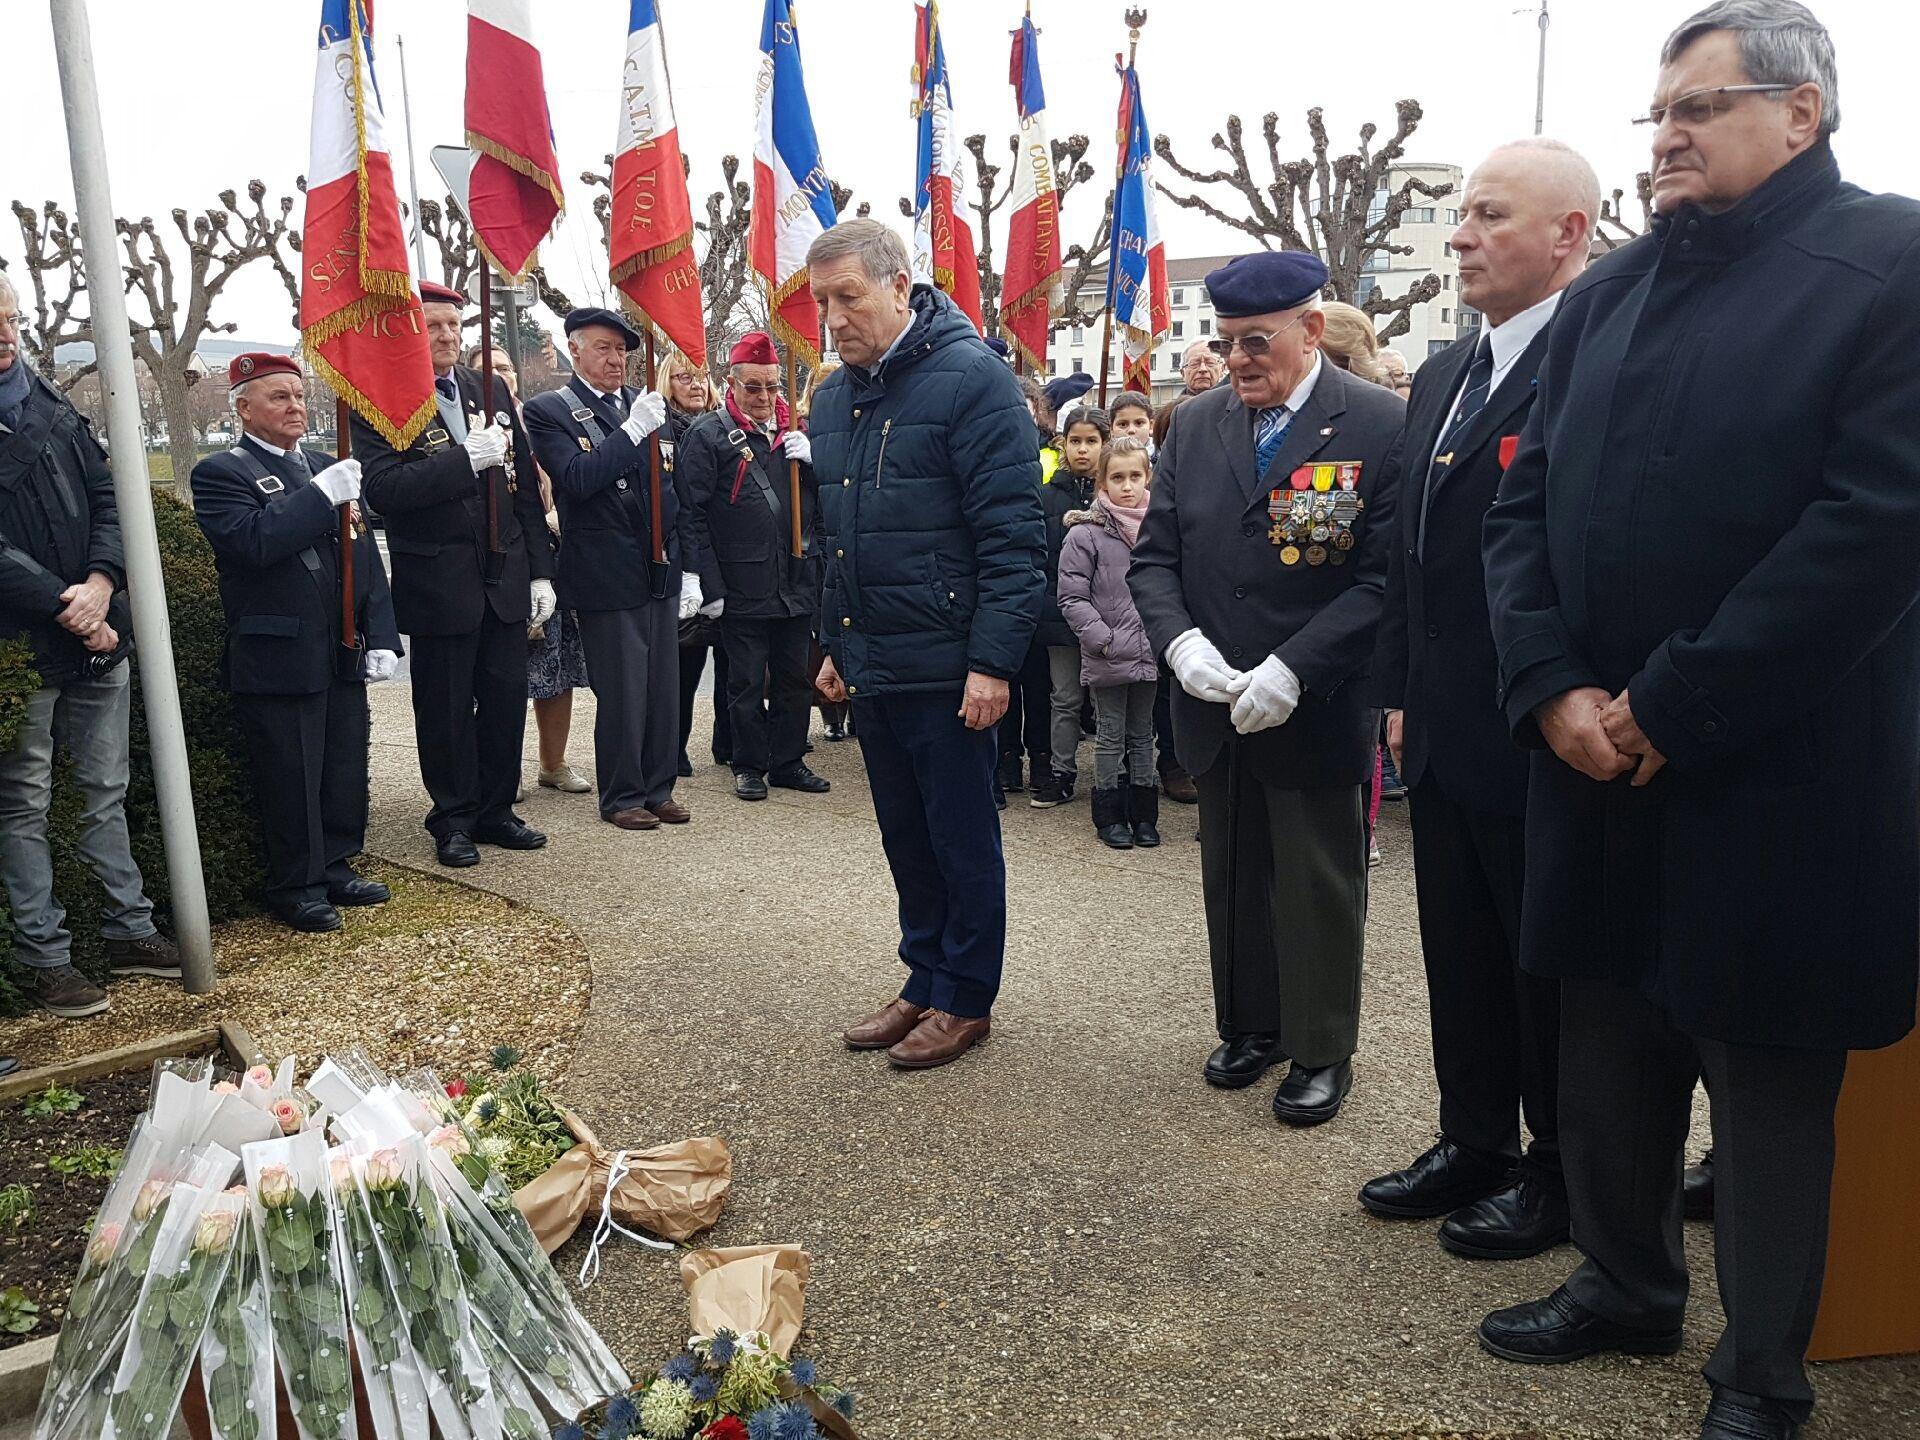 Journ e d 39 hommage aux victimes de la barbarie - Port de la tenue militaire en retraite ...